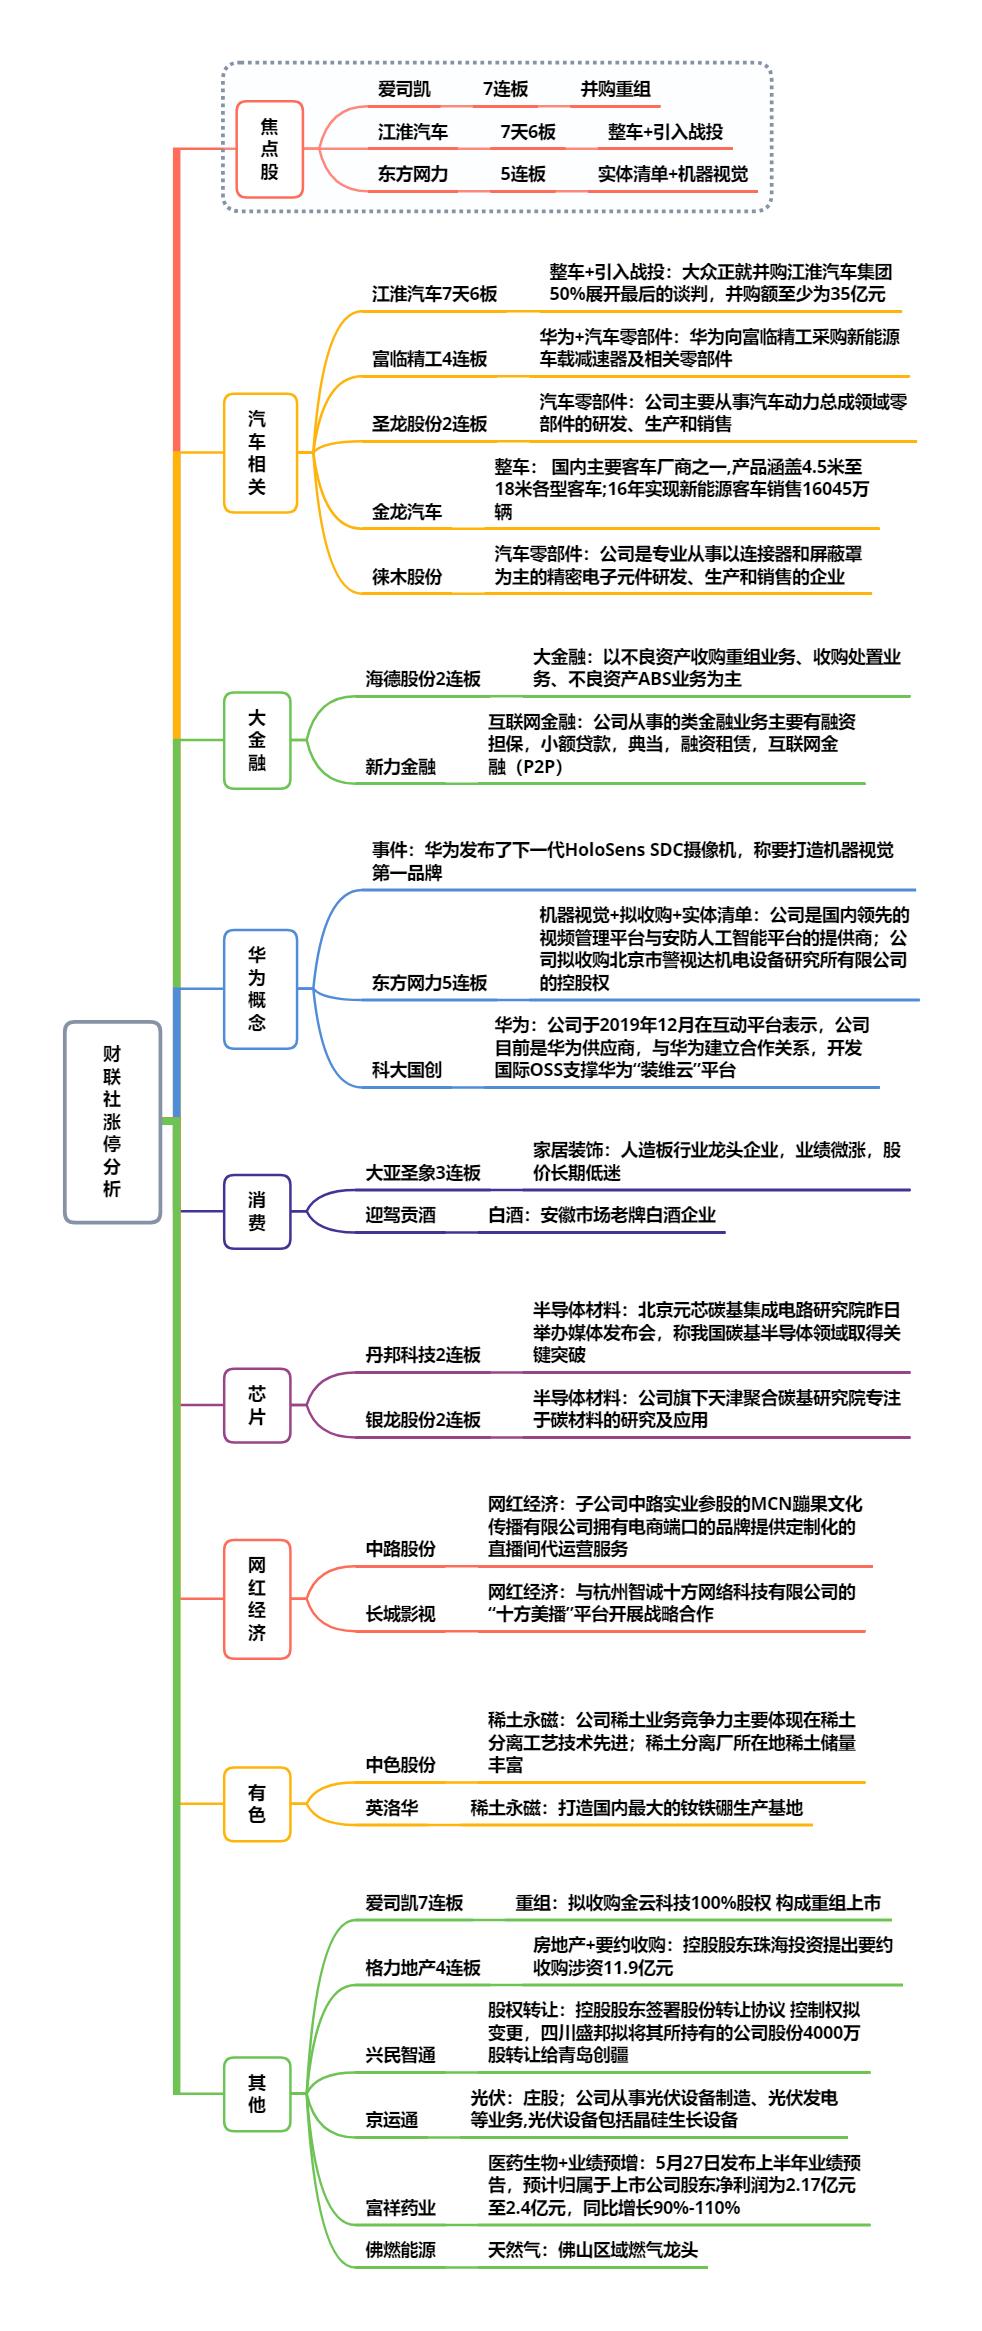 【财联社午报】大金融护盘失败  资金选择抱团防守板块